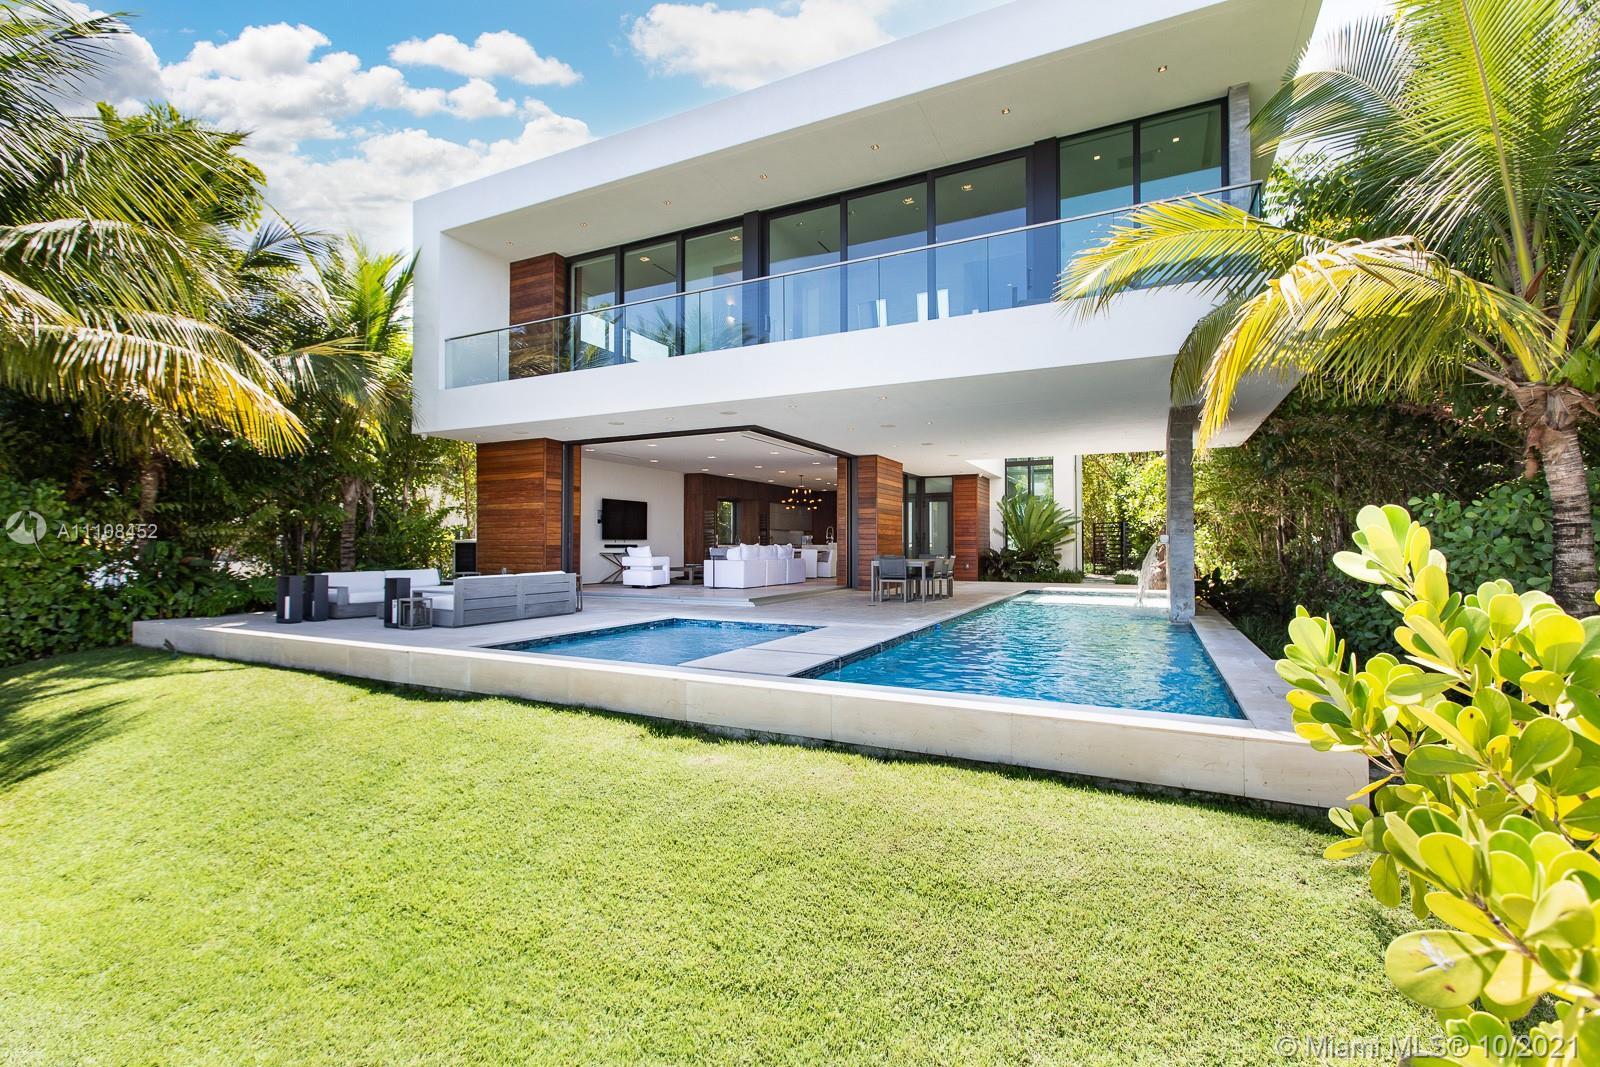 421 Hibiscus Dr, Miami Beach, Florida 33139